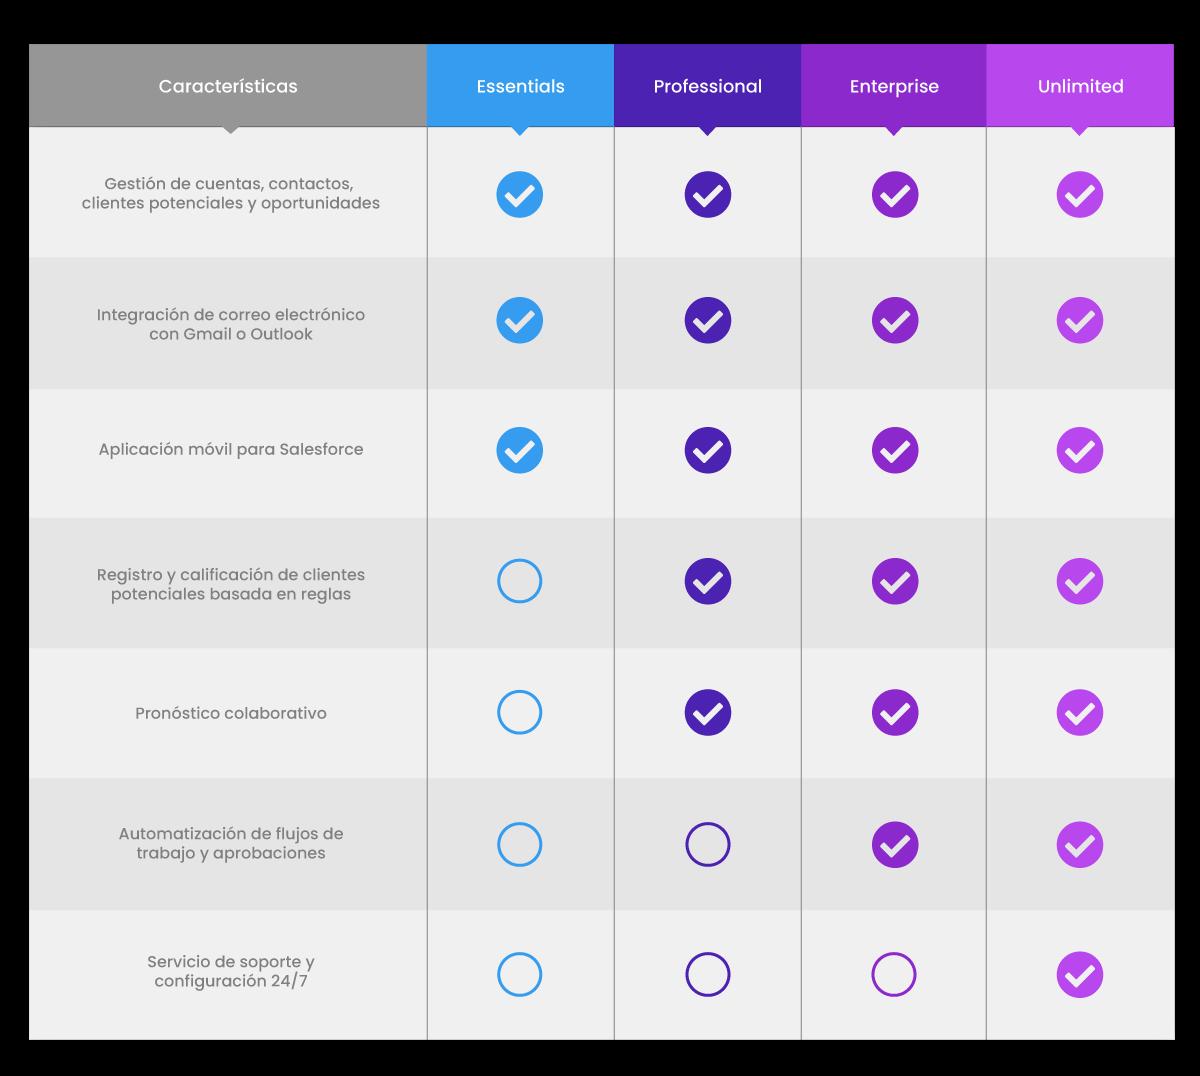 Características de las Ediciones de Salesforce